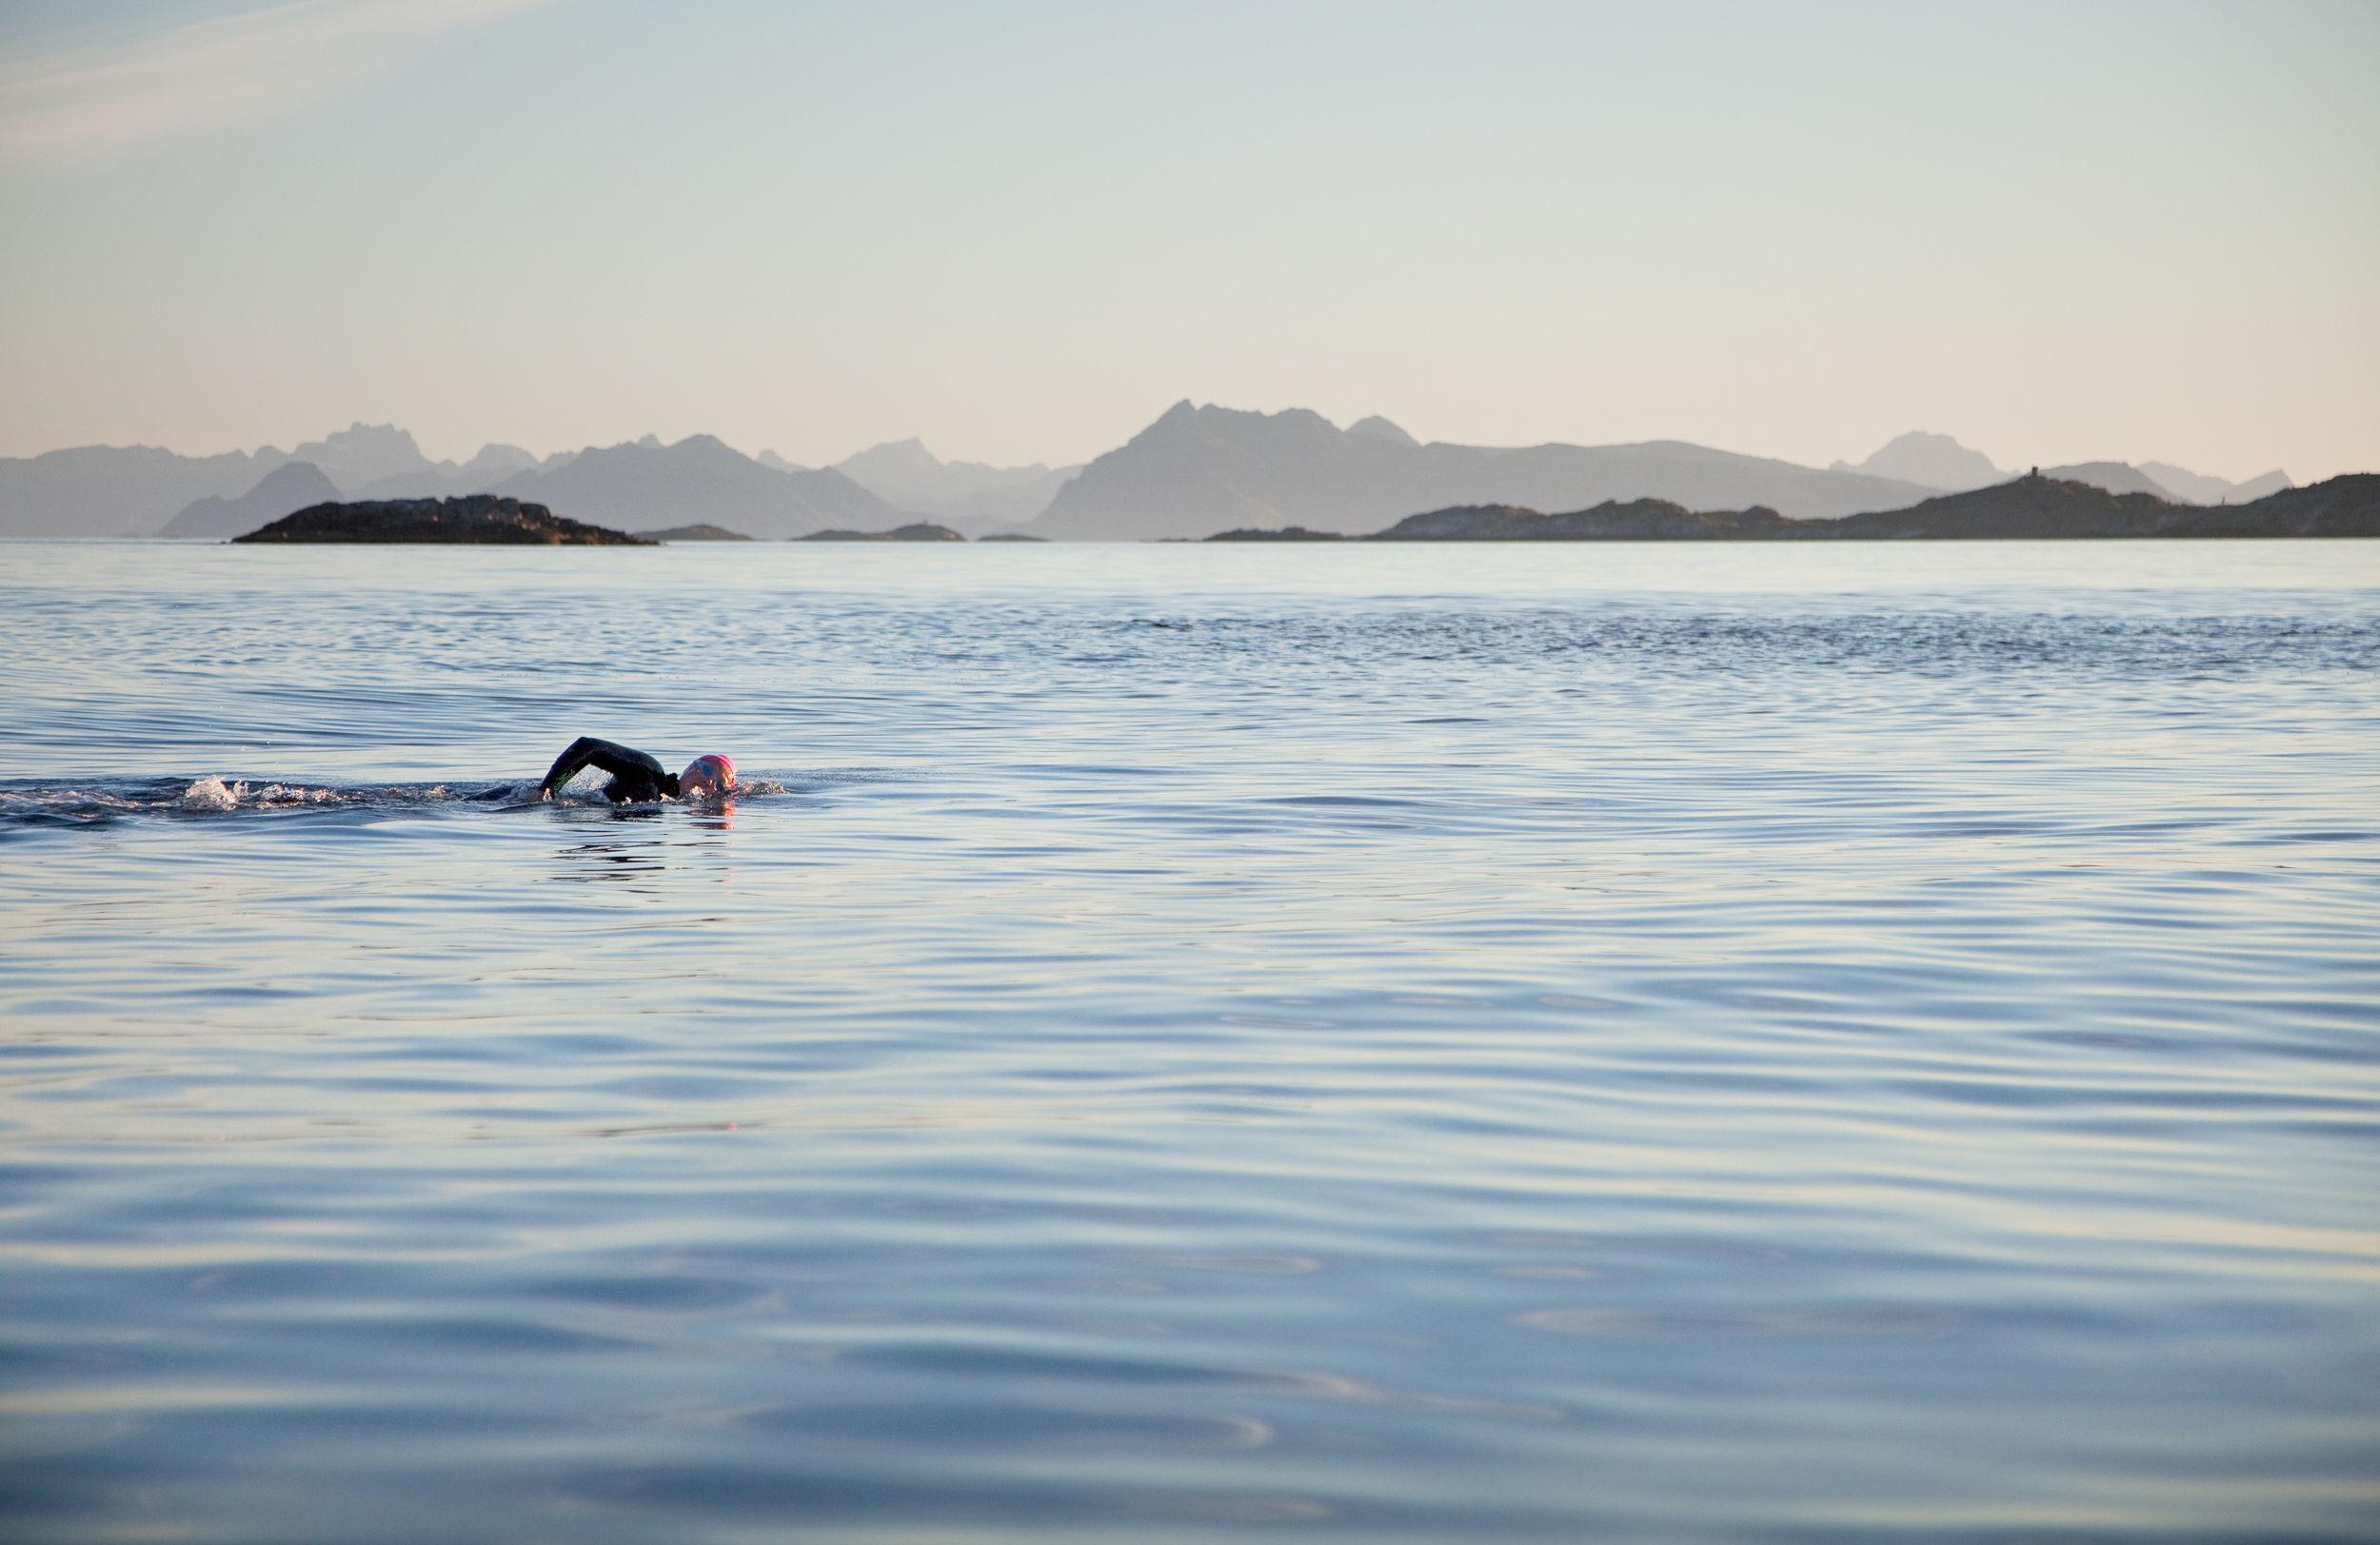 Vestfjorden må være verdens vakreste svømmebasseng! Foto: Fredrik Ödman